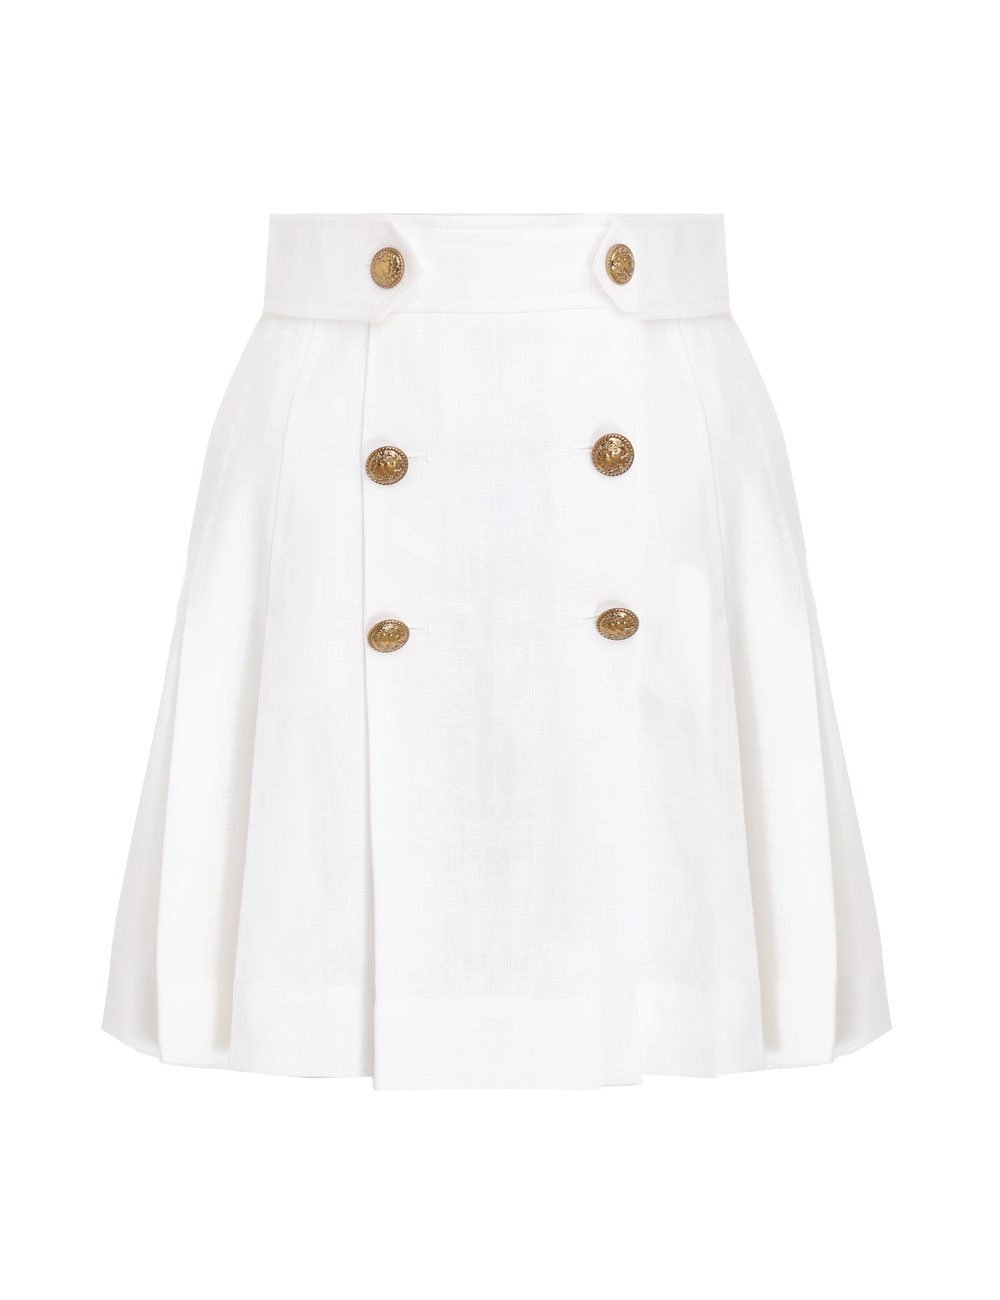 The Lovestruck Short Skirt